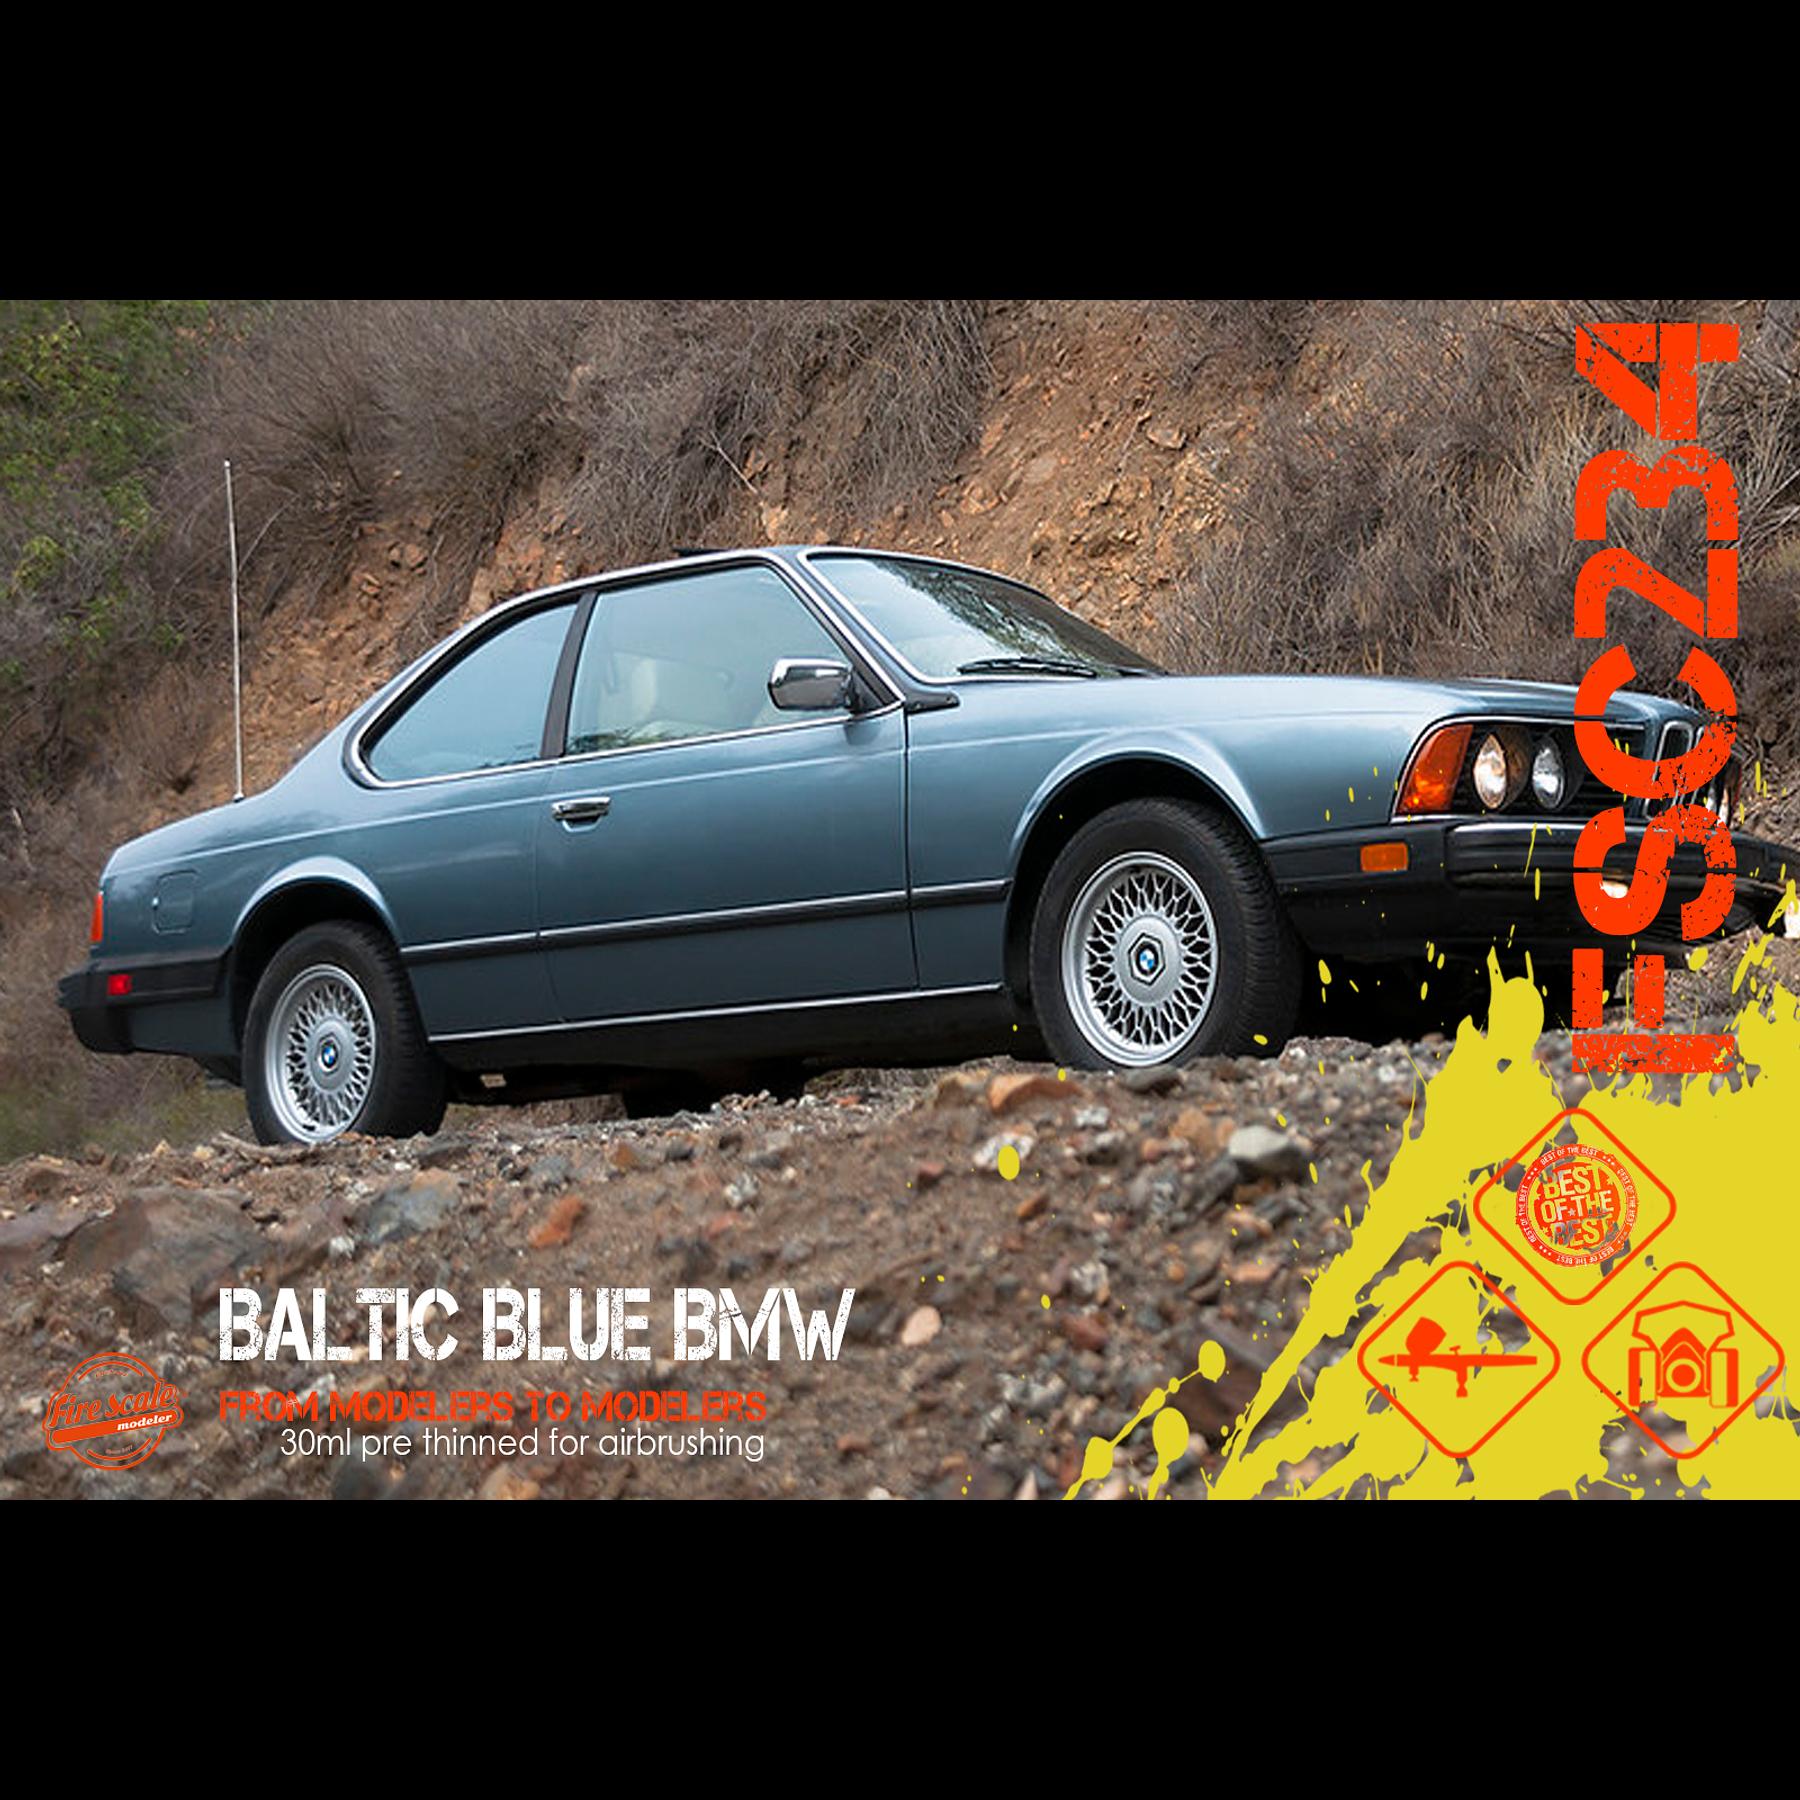 BMW bleu baltique